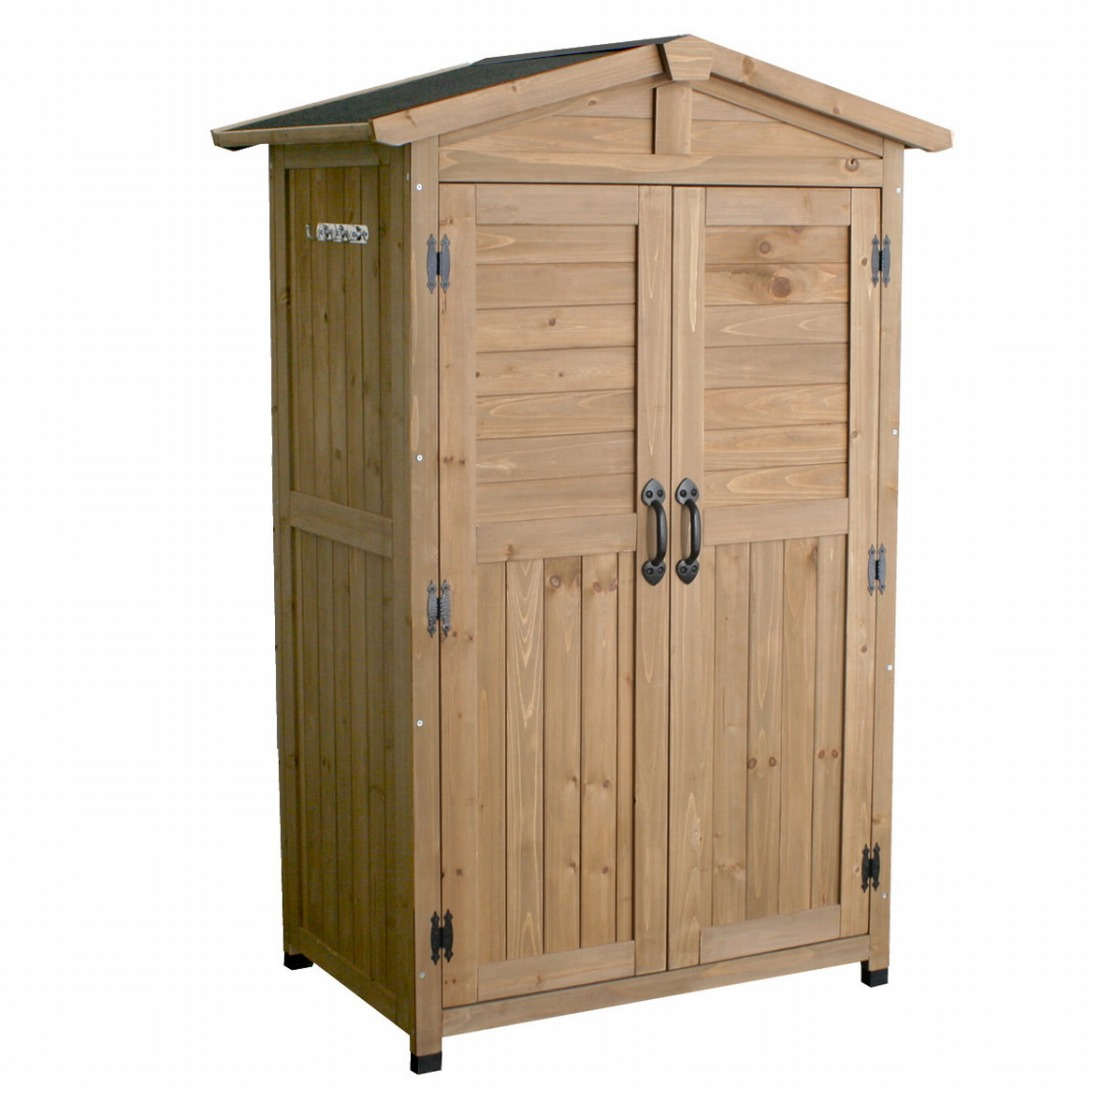 物置 倉庫 収納庫 天然木 木製 庭 物入れ おしゃれ 大型 北欧 ナチュラル ガーデニング 屋外 家具(代引不可)【送料無料】【int_d11】